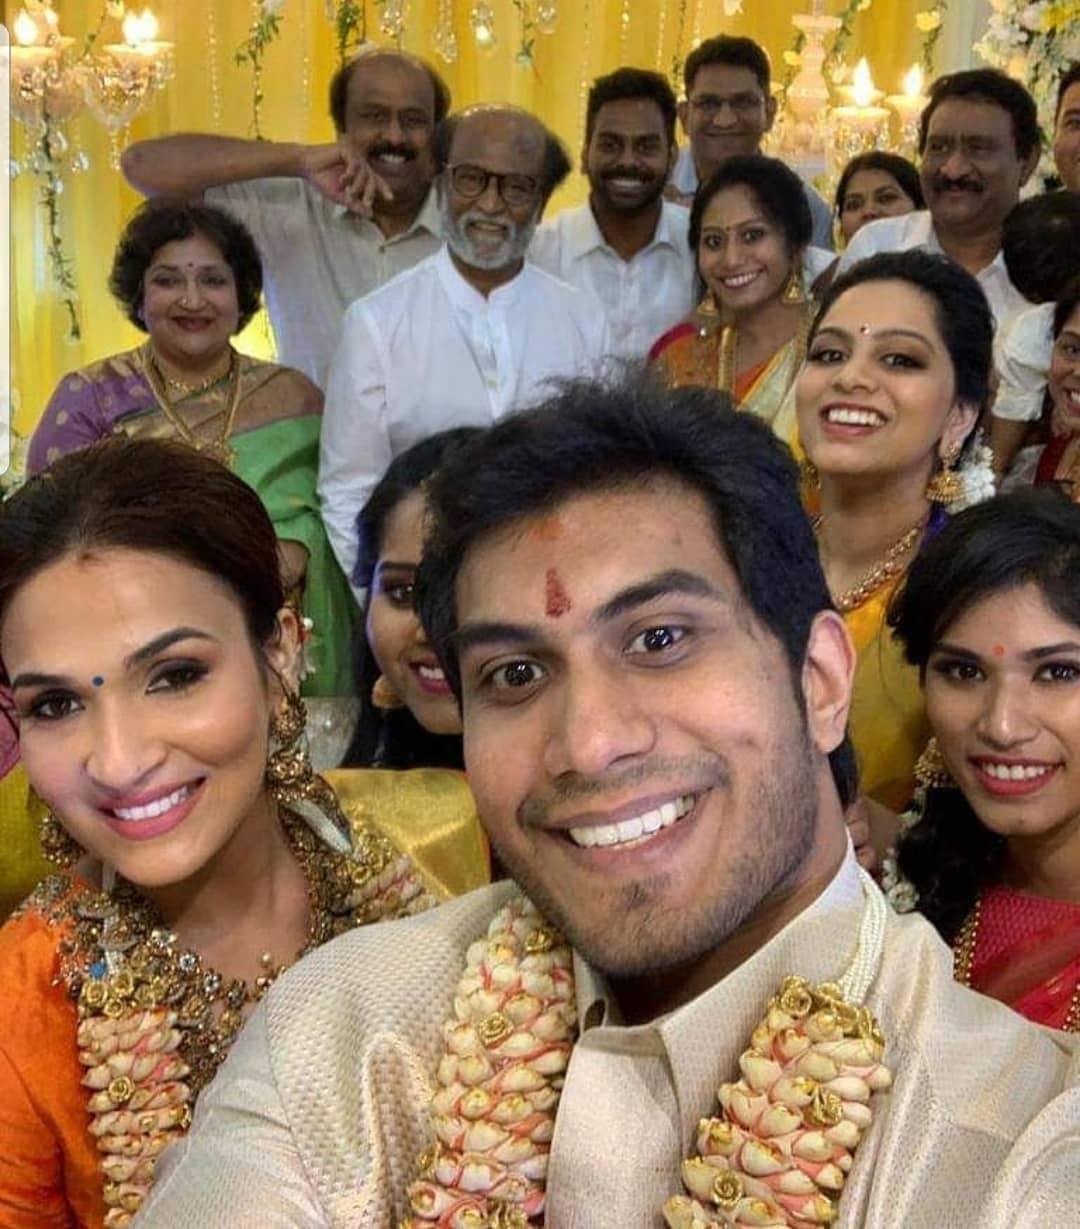 शादी के मस्तीभरे माहौल में सभी के साथ दूल्हा-दुल्हन भी काफी इंजॉय करते दिखे. अब ये तस्वीर देख लीजिए. जैसे ही मौका मिला दूल्हे मियां ने लेली सेल्फी.